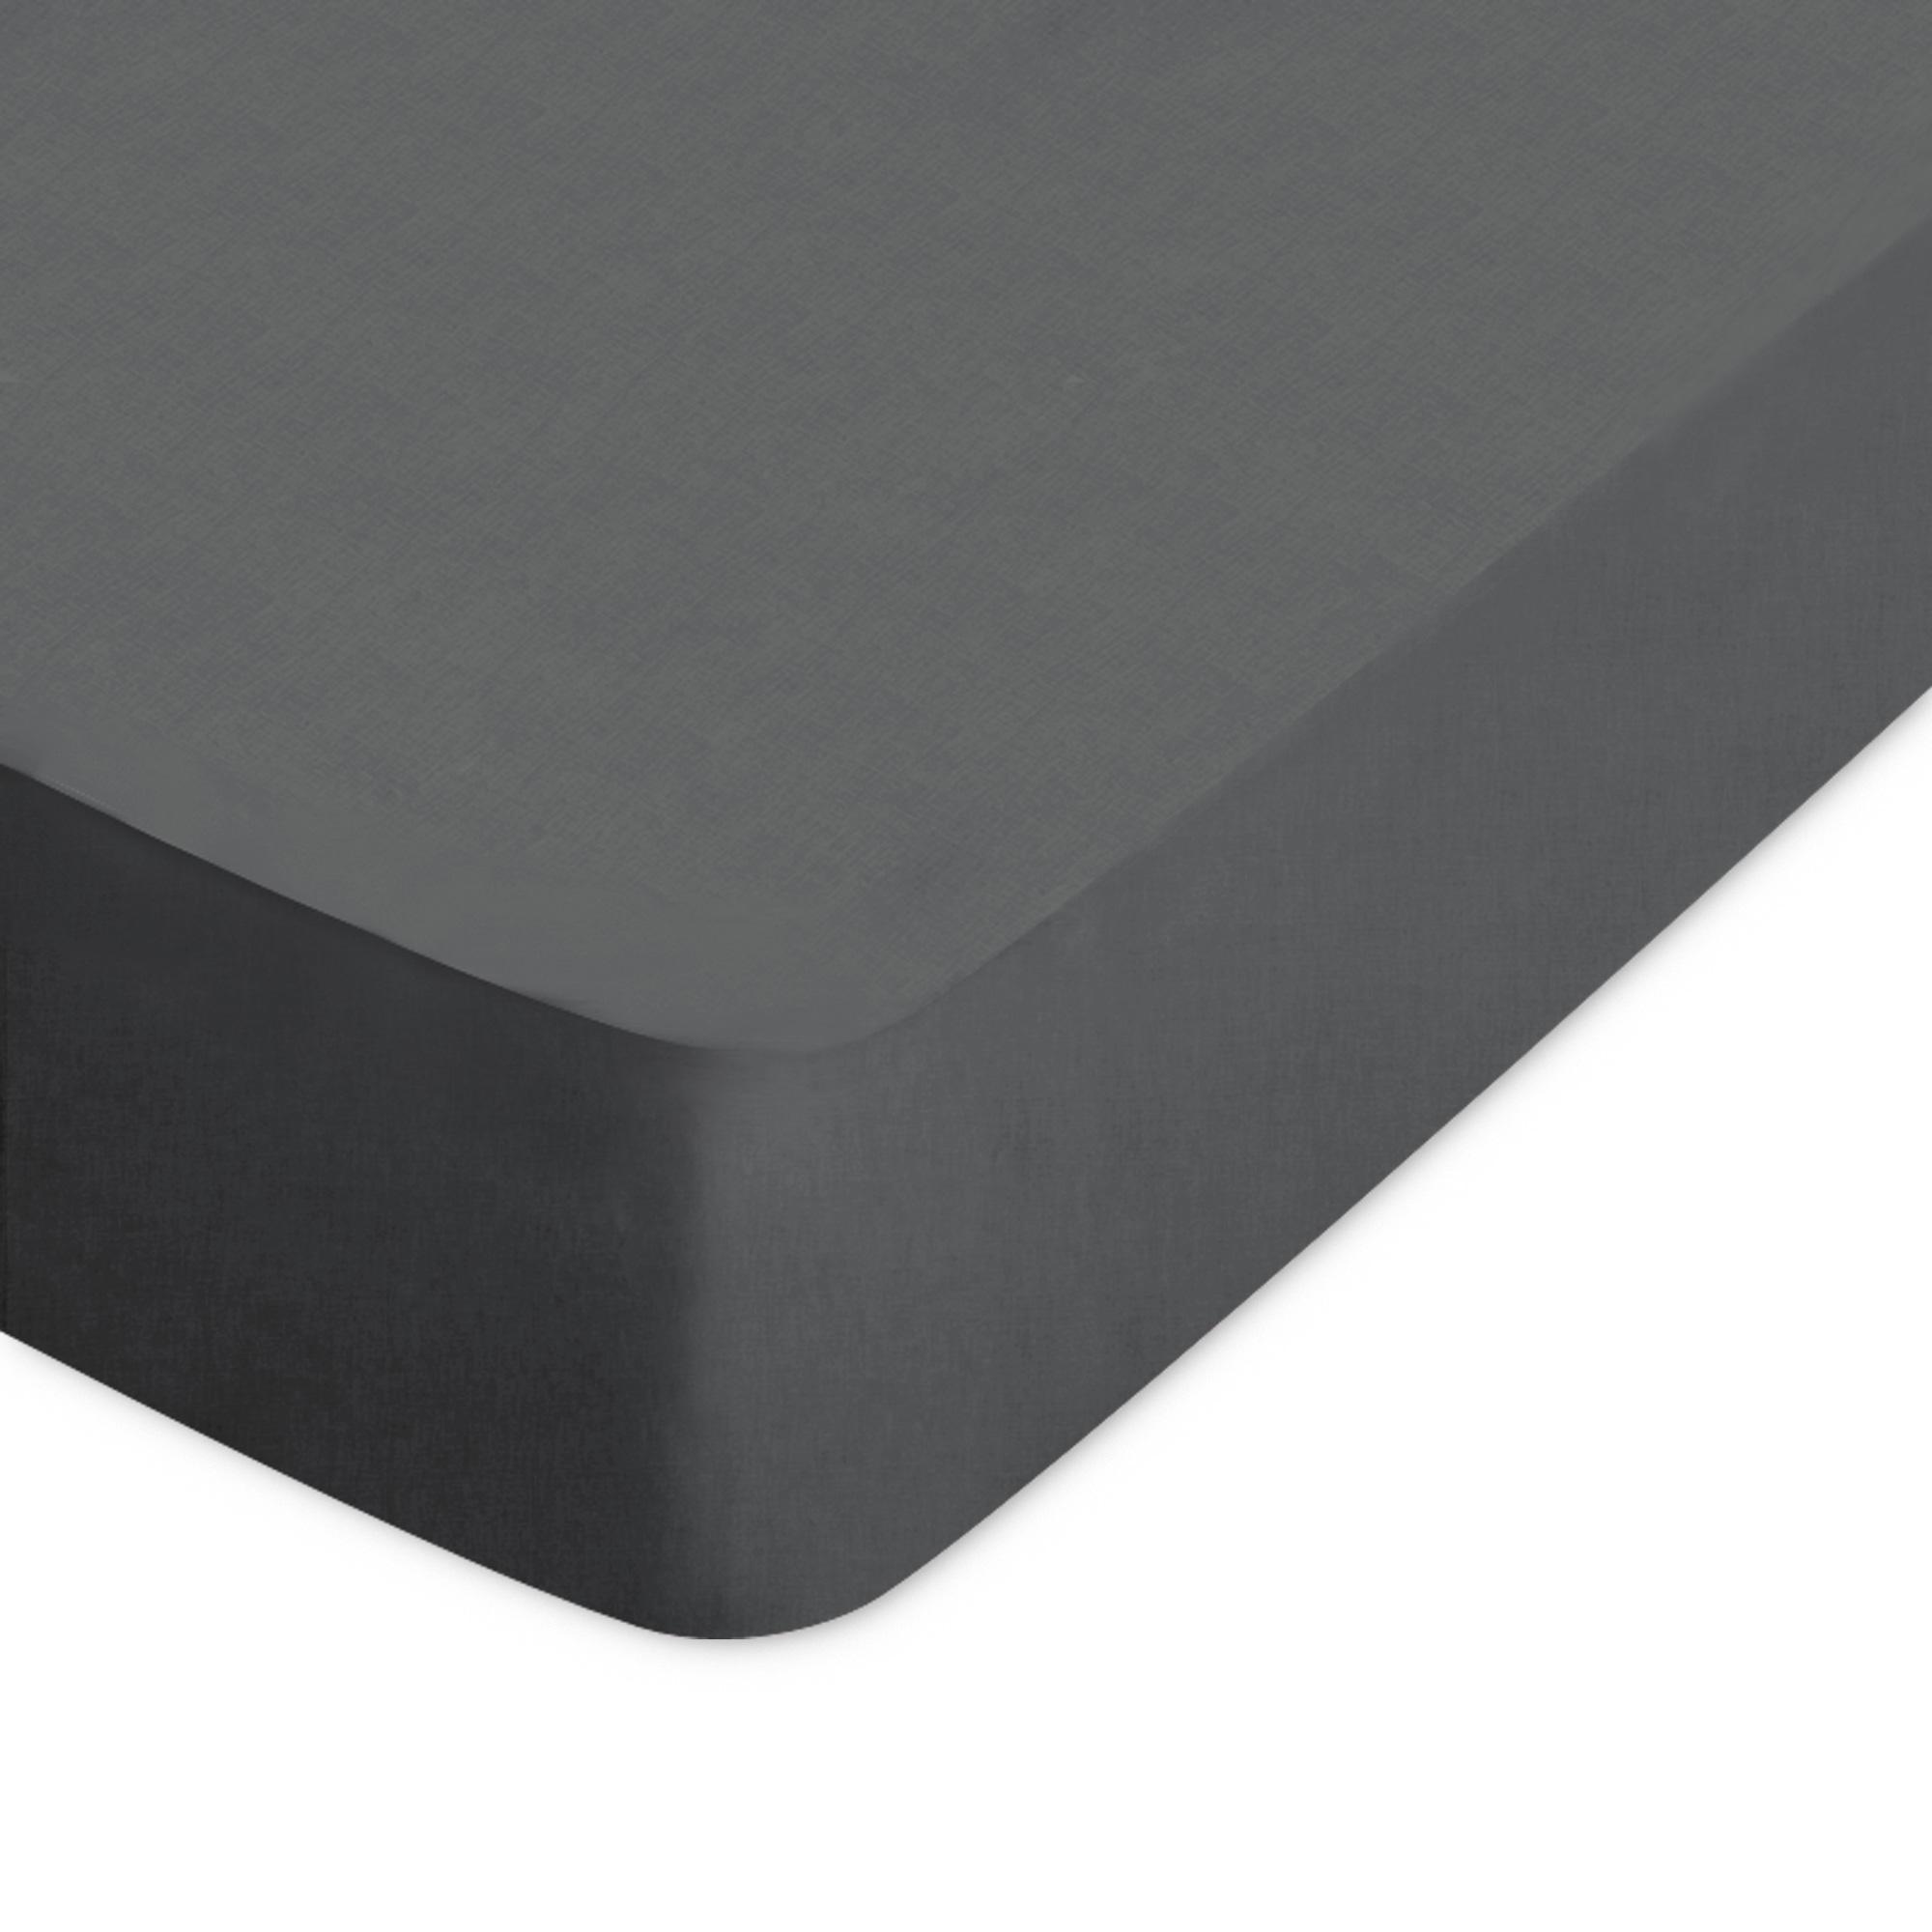 Drap housse 80x200cm uni pur coton alto gris manhattan - Drap housse 80x200 flanelle ...